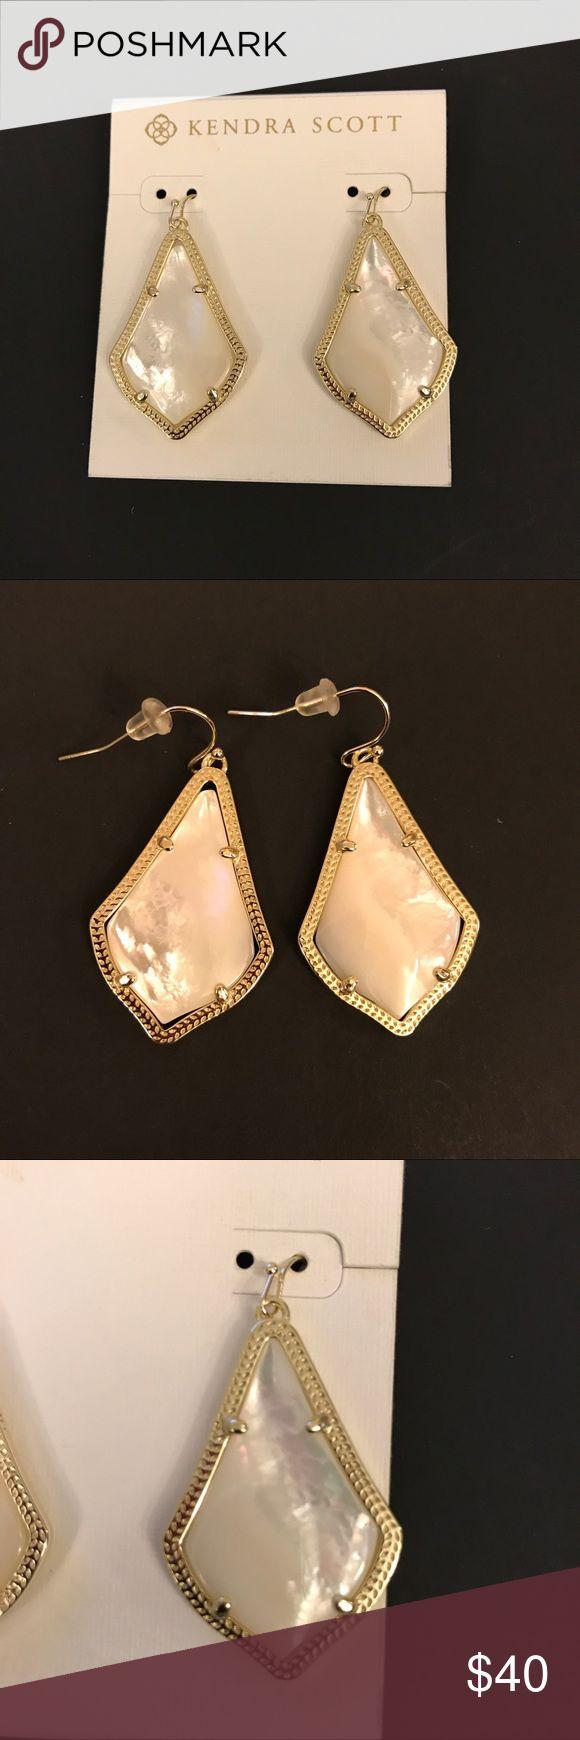 Kendra Scott Alex earring Kendra Scott Alex earring - mother of pearl earrings gold Kendra Scott Jewelry Earrings